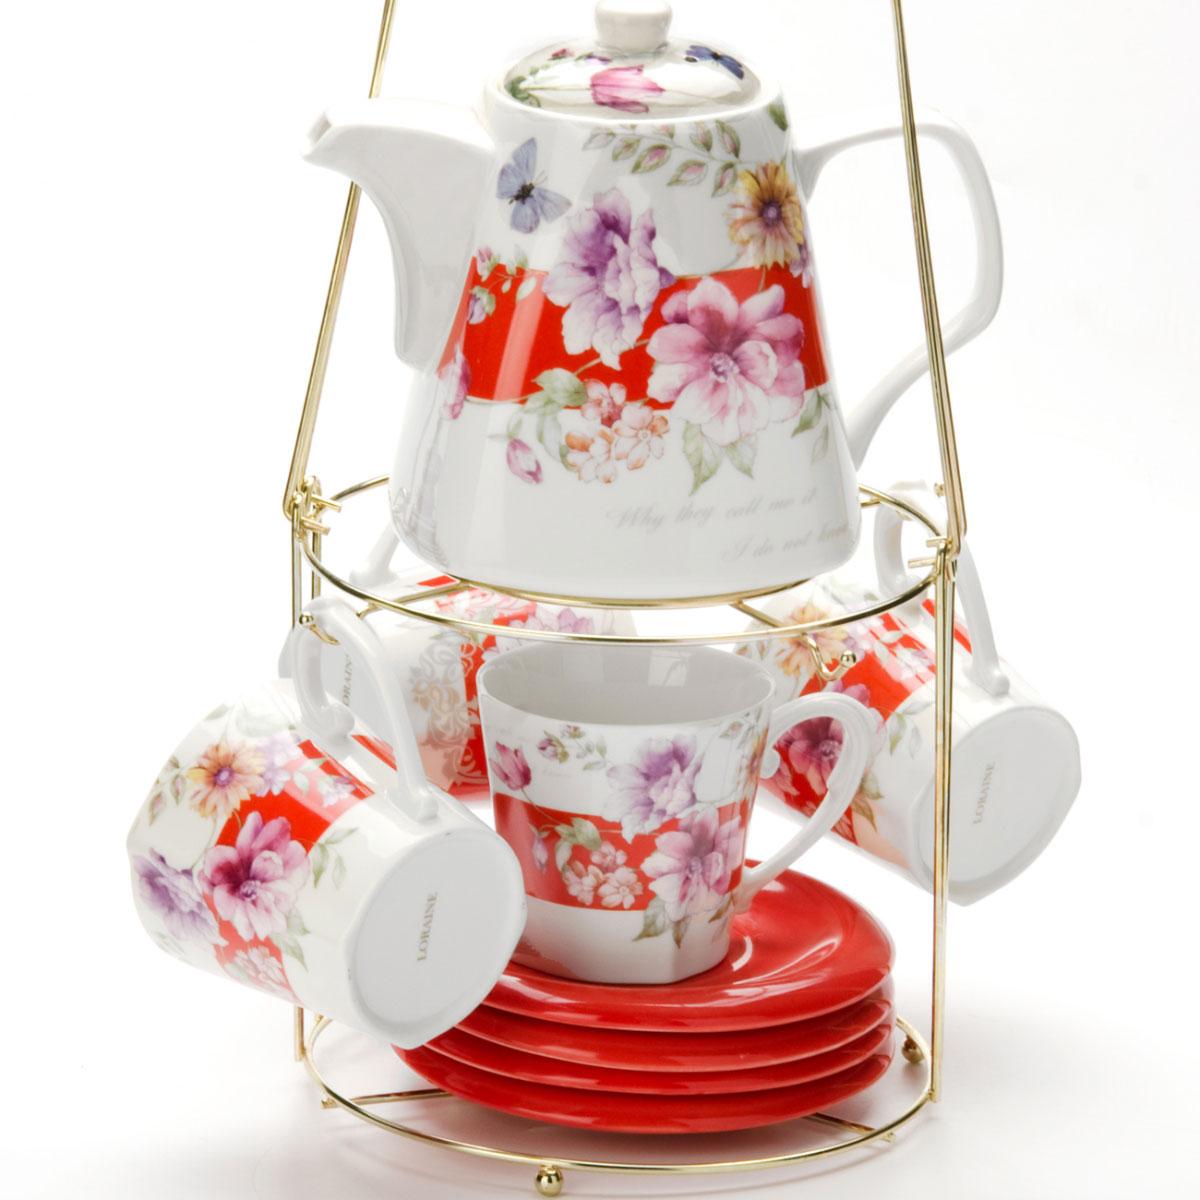 Набор чайный Mayer & Boch, на подставке, 9 предметов. 2473224732Чайный набор LORAINE состоит из 4 чашек, 4 блюдец и заварочного чайника (1,1 л). Предметы набора изготовлены из керамики и оформлены изображением цветов. Все предметы располагаются на удобной металлической подставке с ручкой. Элегантный дизайн набора придется по вкусу и ценителям классики, и тем, кто предпочитает утонченность и изысканность. Он настроит на позитивный лад и подарит хорошее настроение с самого утра. Чайный набор LORAINE идеально подойдет для сервировки стола и станет отличным подарком к любому празднику.